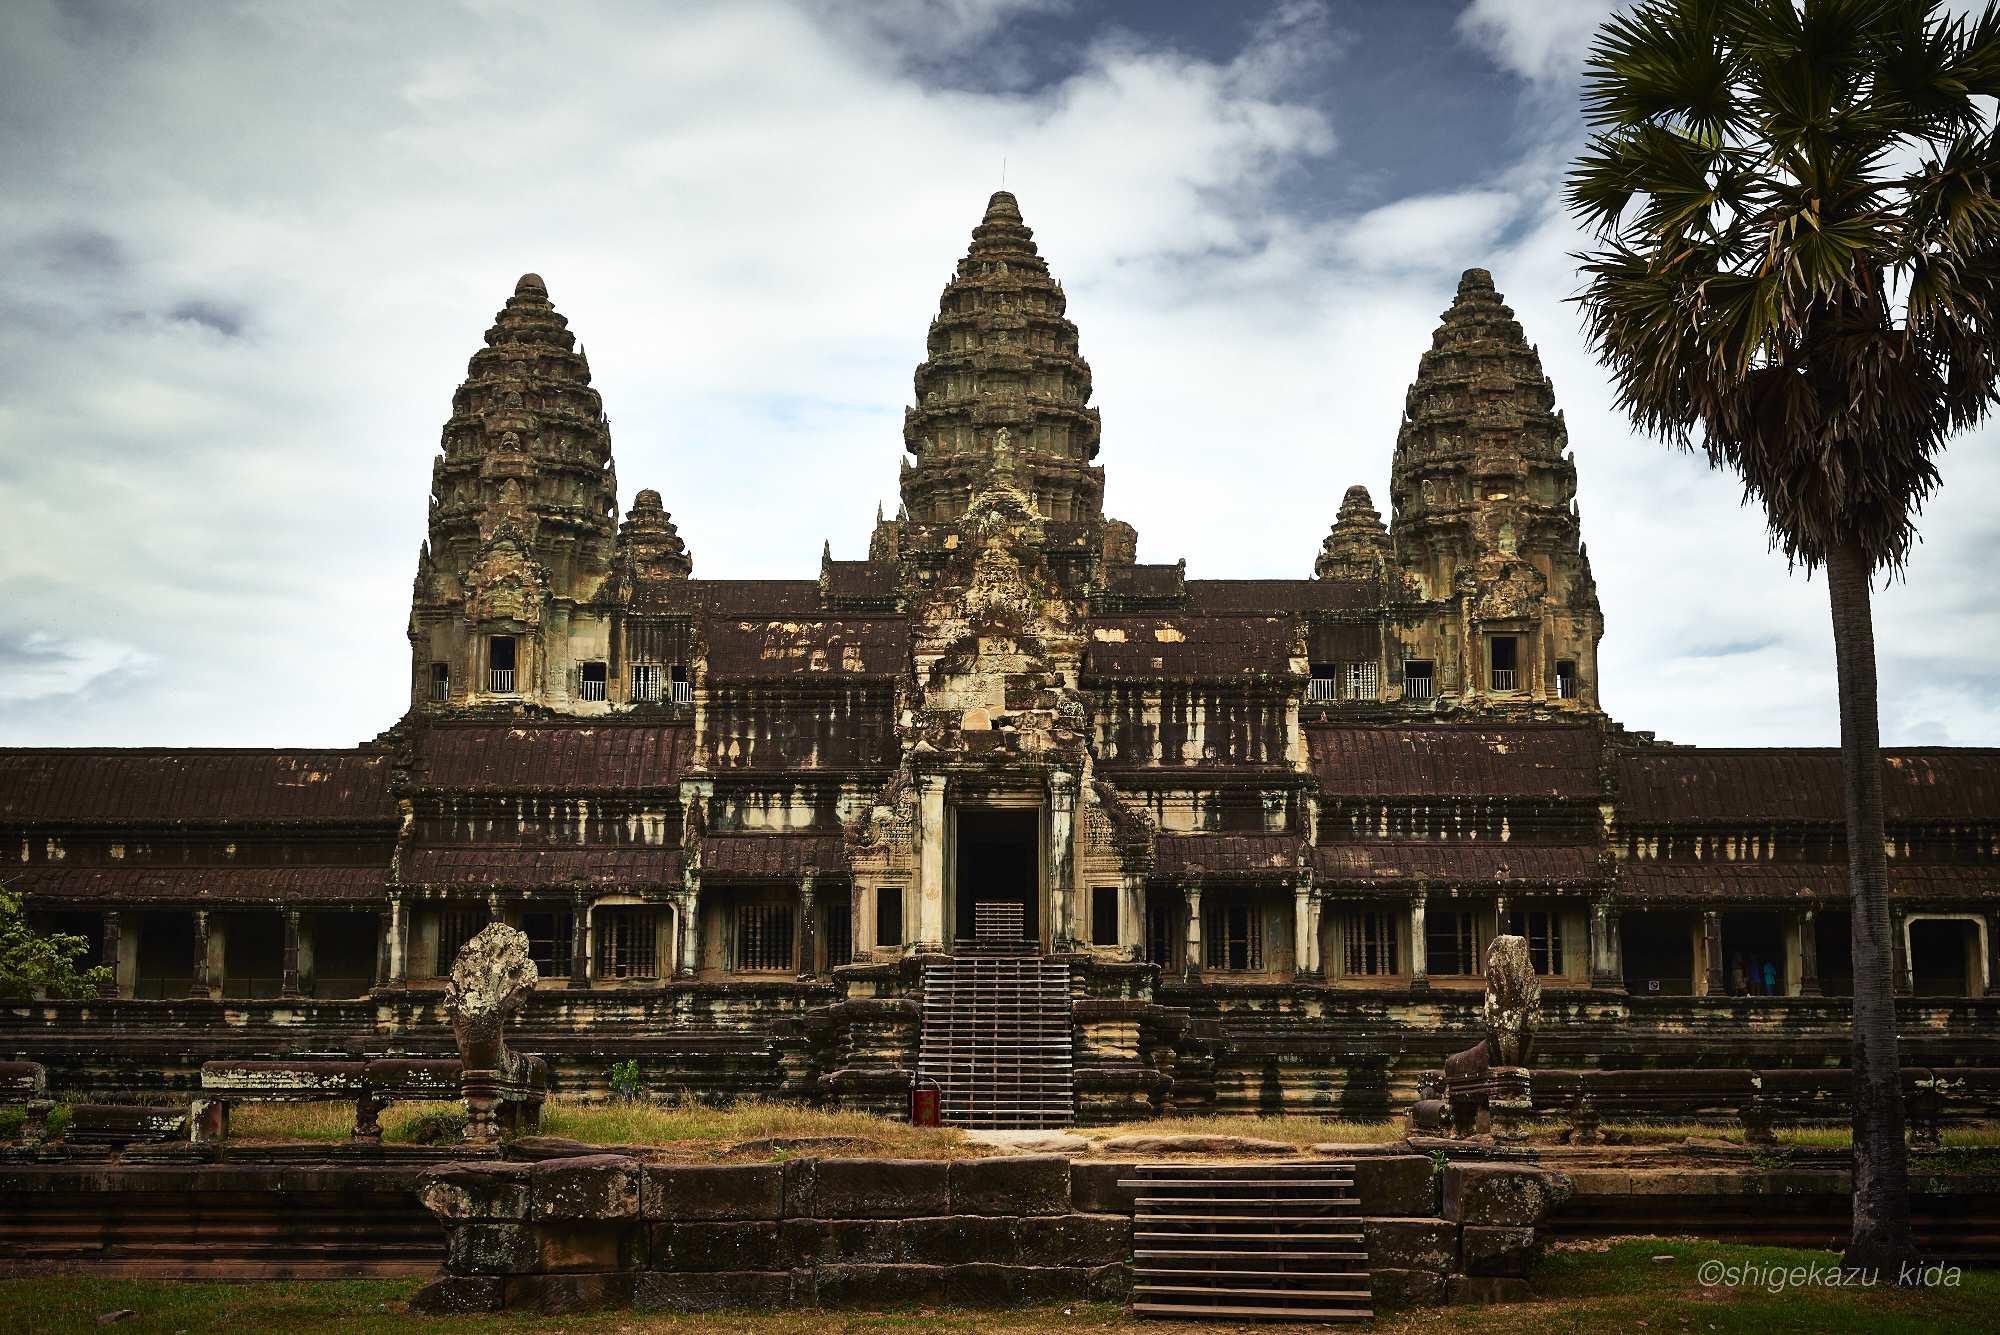 Angkor(アンコール)遺跡群にあるAngkorWat(アンコール・ワット)の祠堂